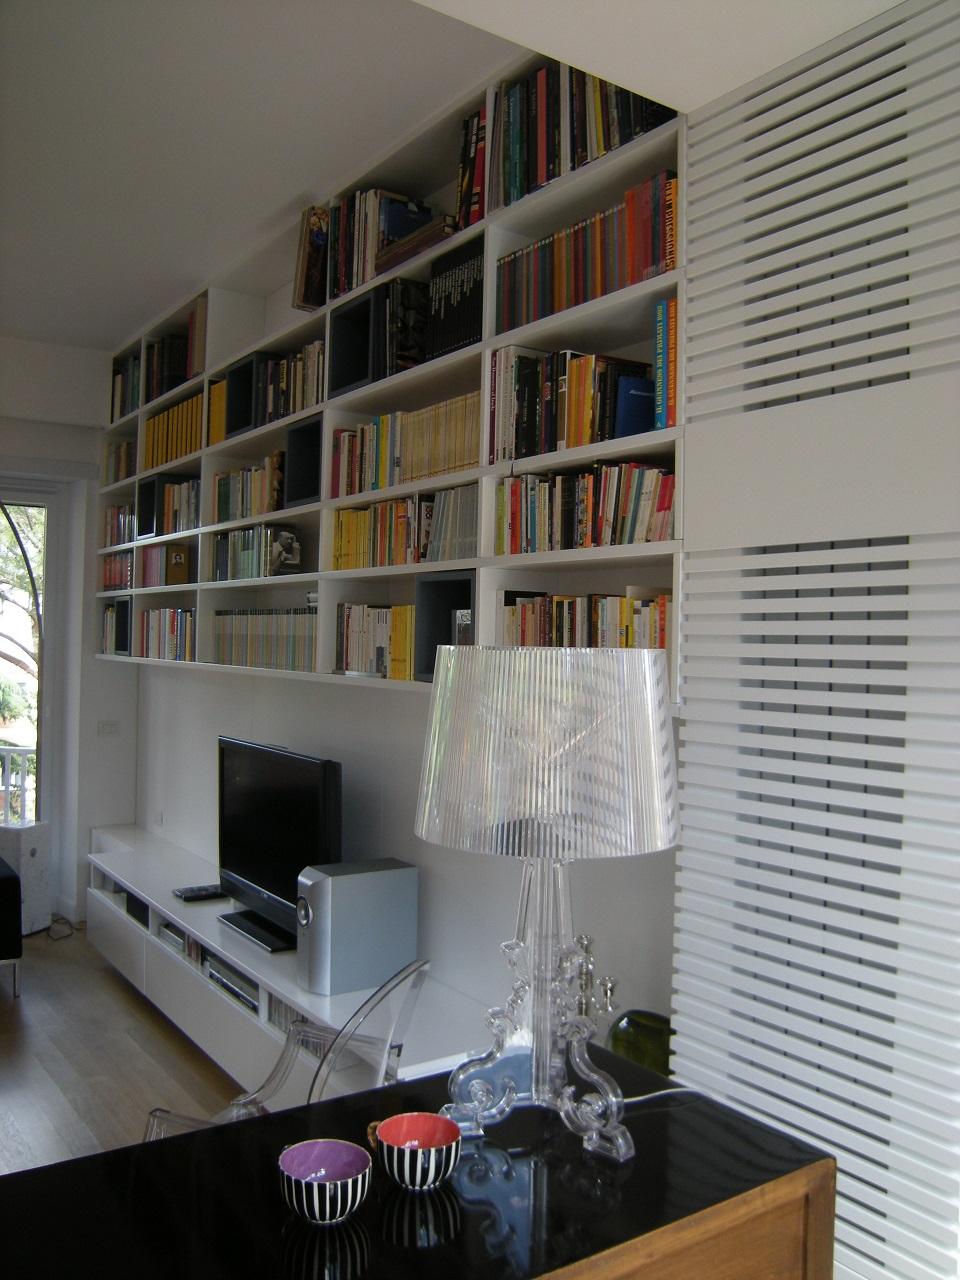 librerie-libreriaSoffitto (2)